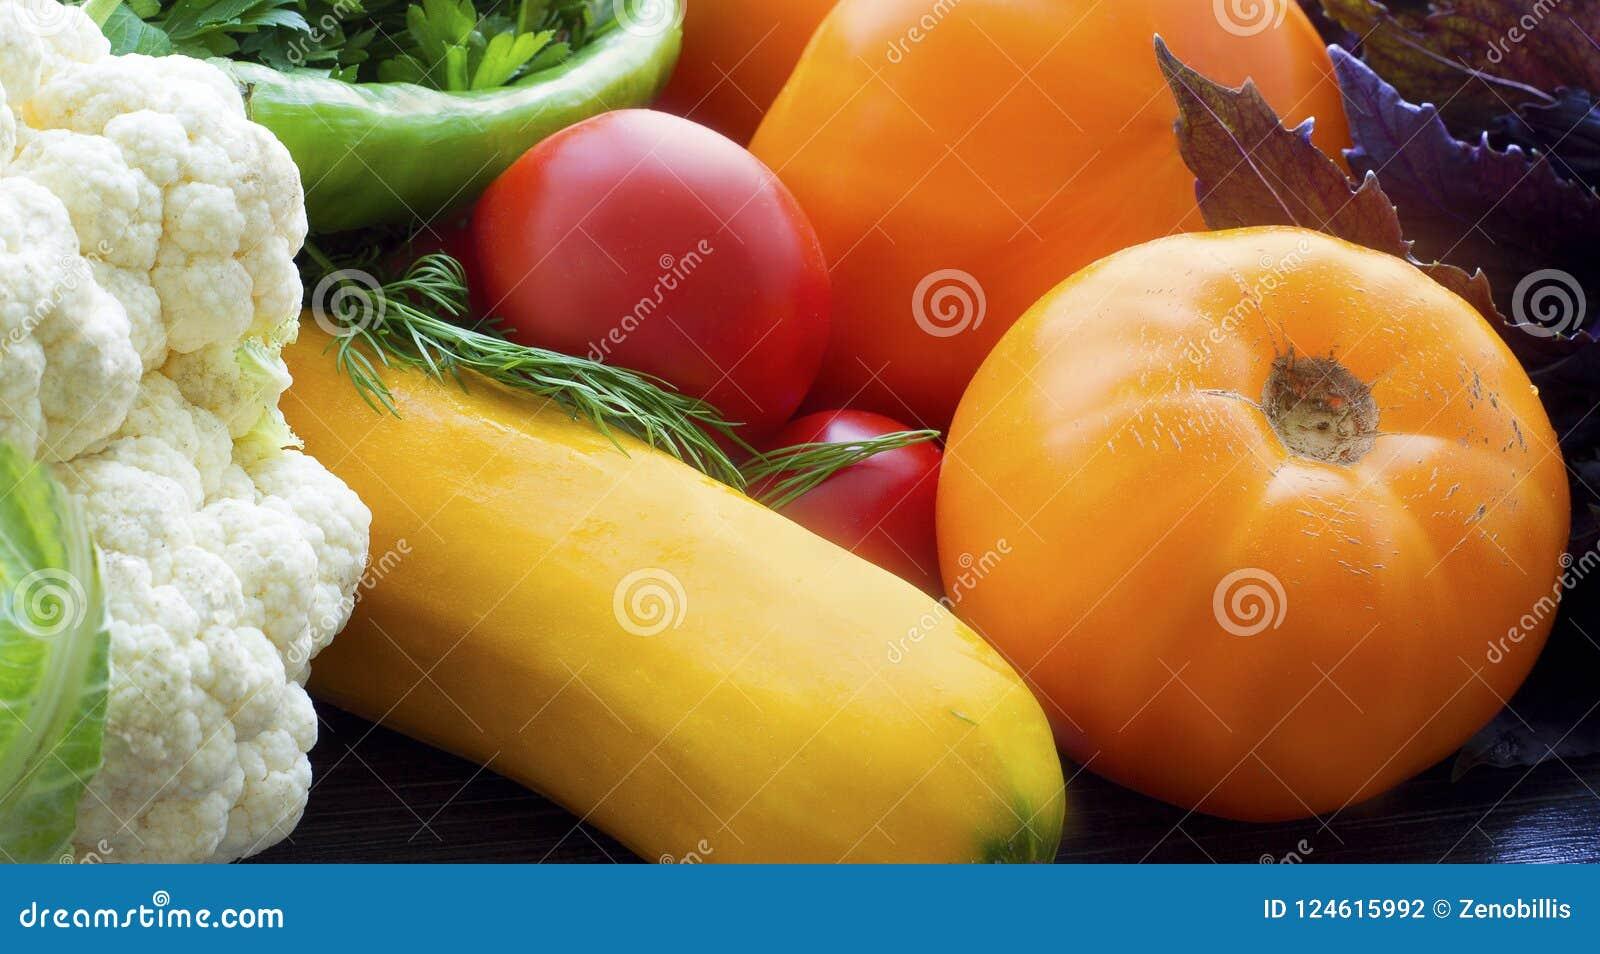 Fond coloré de légumes frais Plan rapproché mûr de légumes Tomates, chou-fleur, courgette, piment et herbes